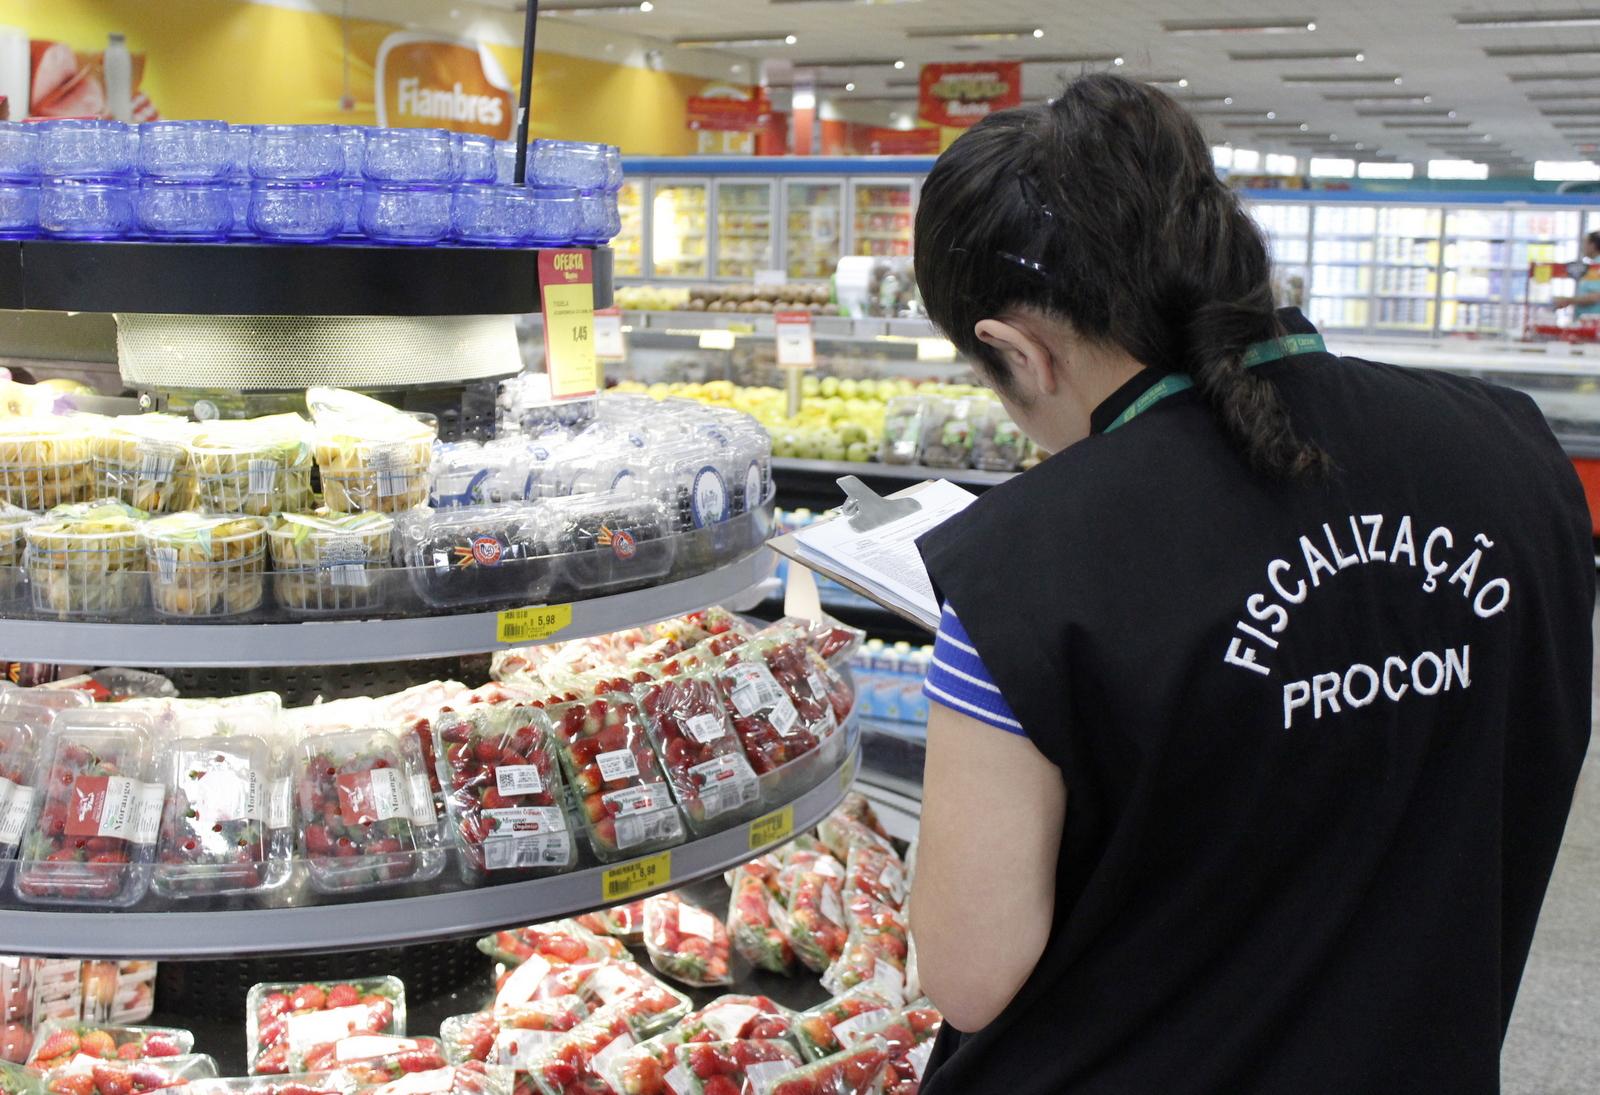 Procon_realiza_pesquisa_de_precos_em_supermercados_de_Criciuma_Foto_de_Emerson_Justo_2.JPG